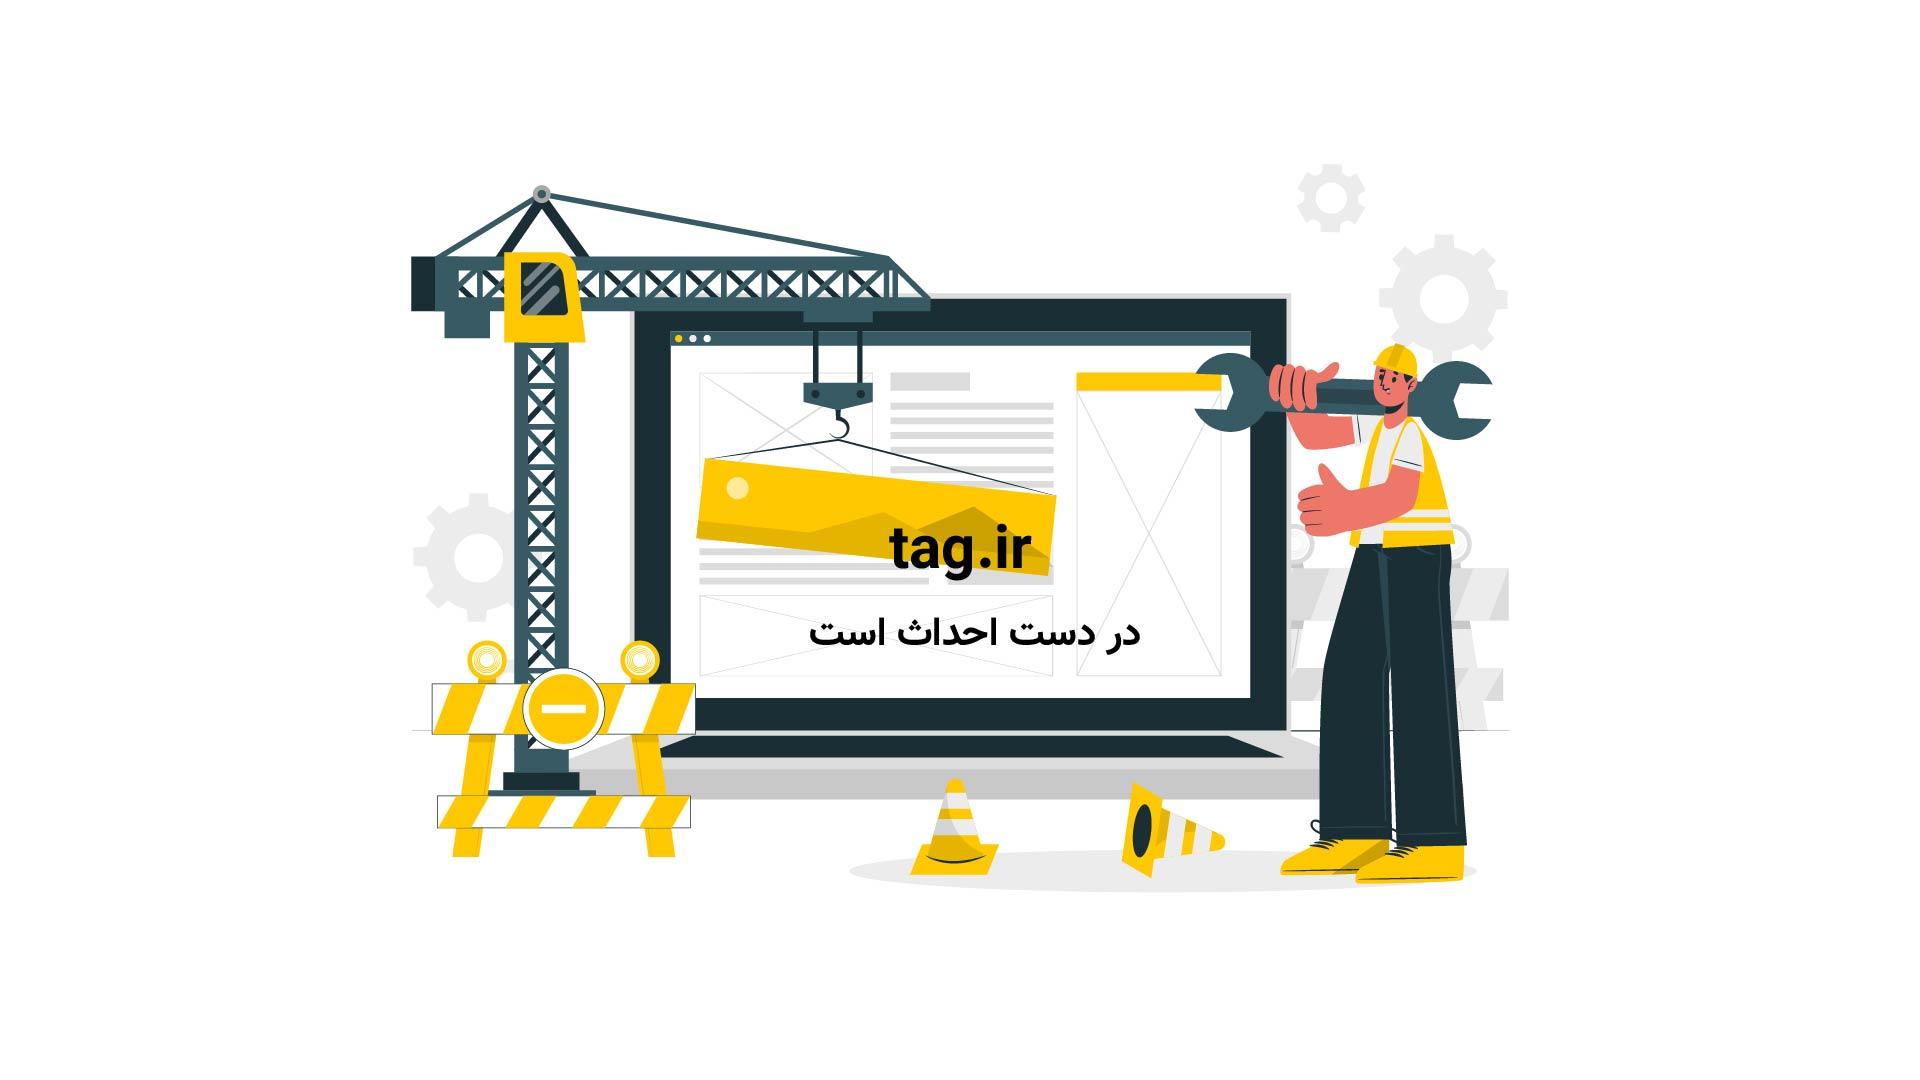 فضانوردی-ناسا | تگ